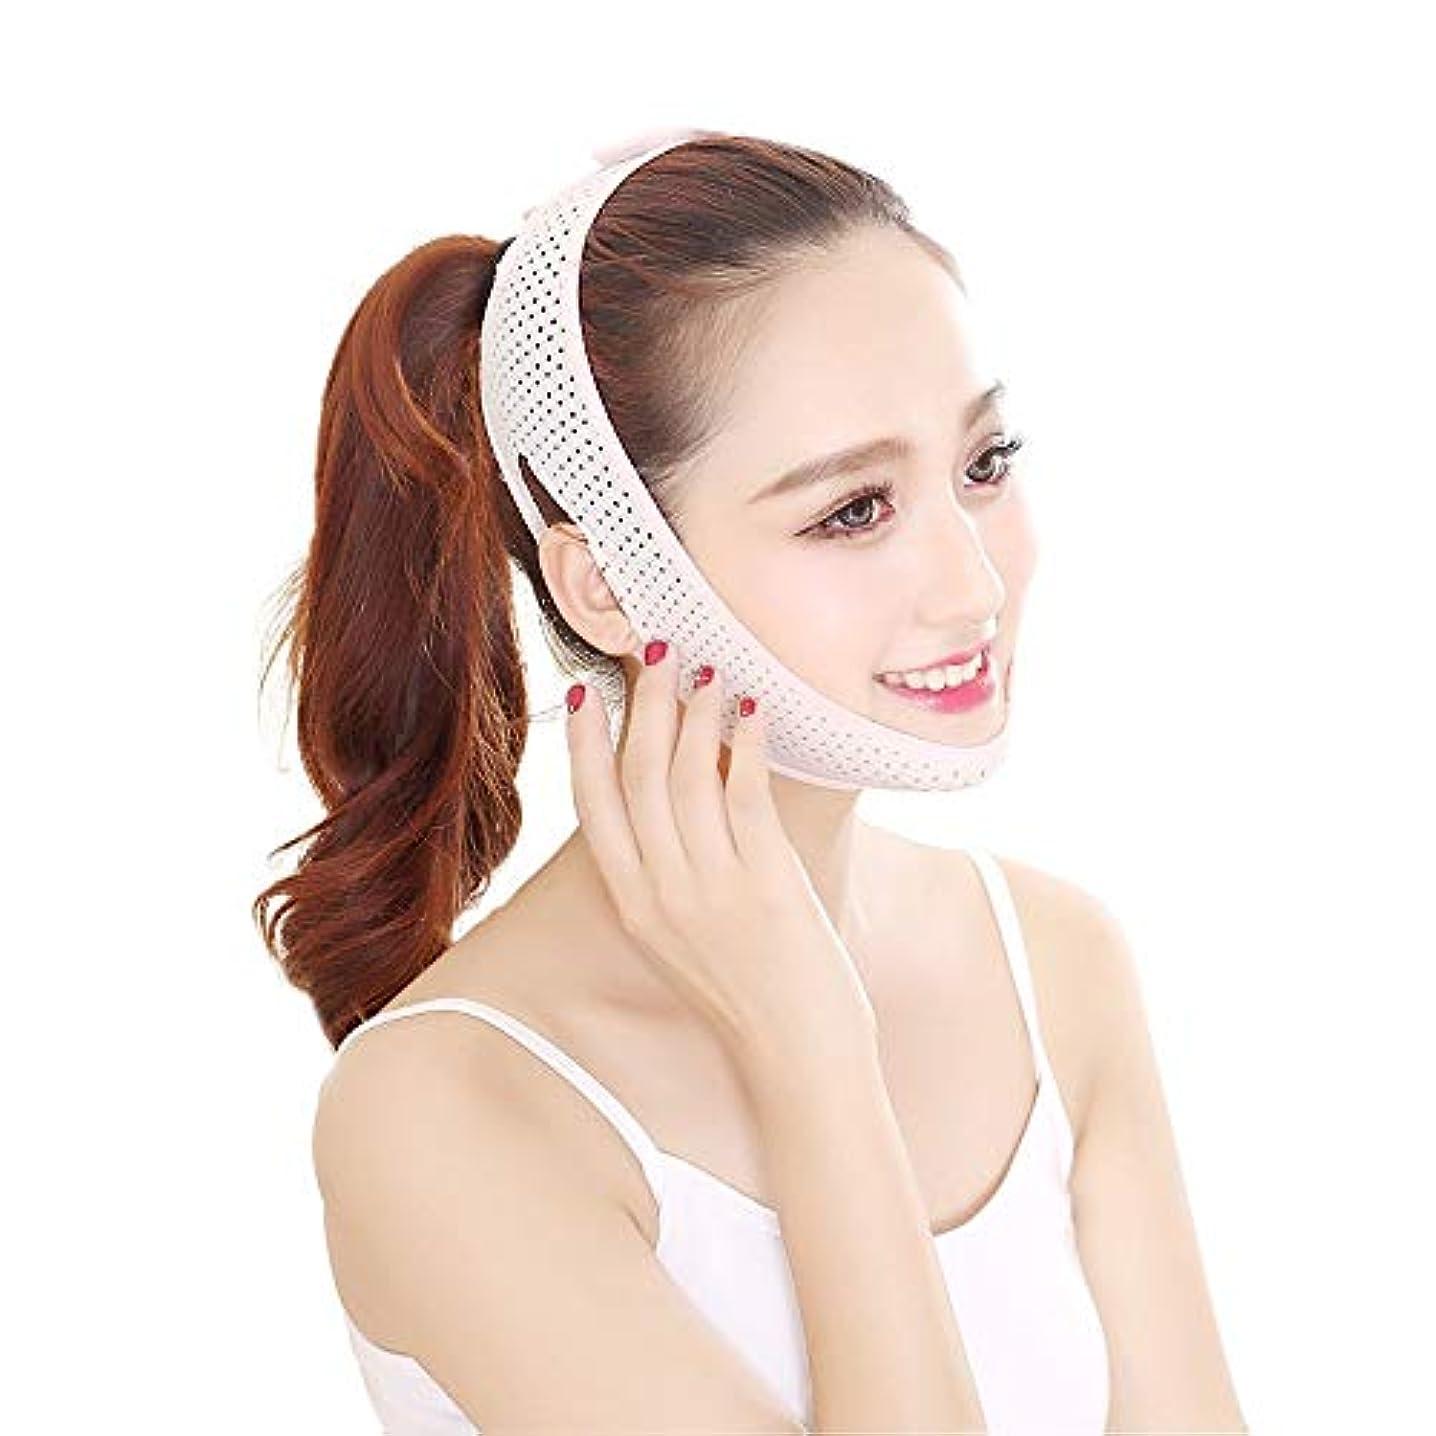 延ばす大聖堂積極的にフェイスリフティングベルト、スリープビーム顔咬筋しわ二重あご術後の回復包帯を改善するために、フェイスファーミングリフティング包帯マスク (Color : A)